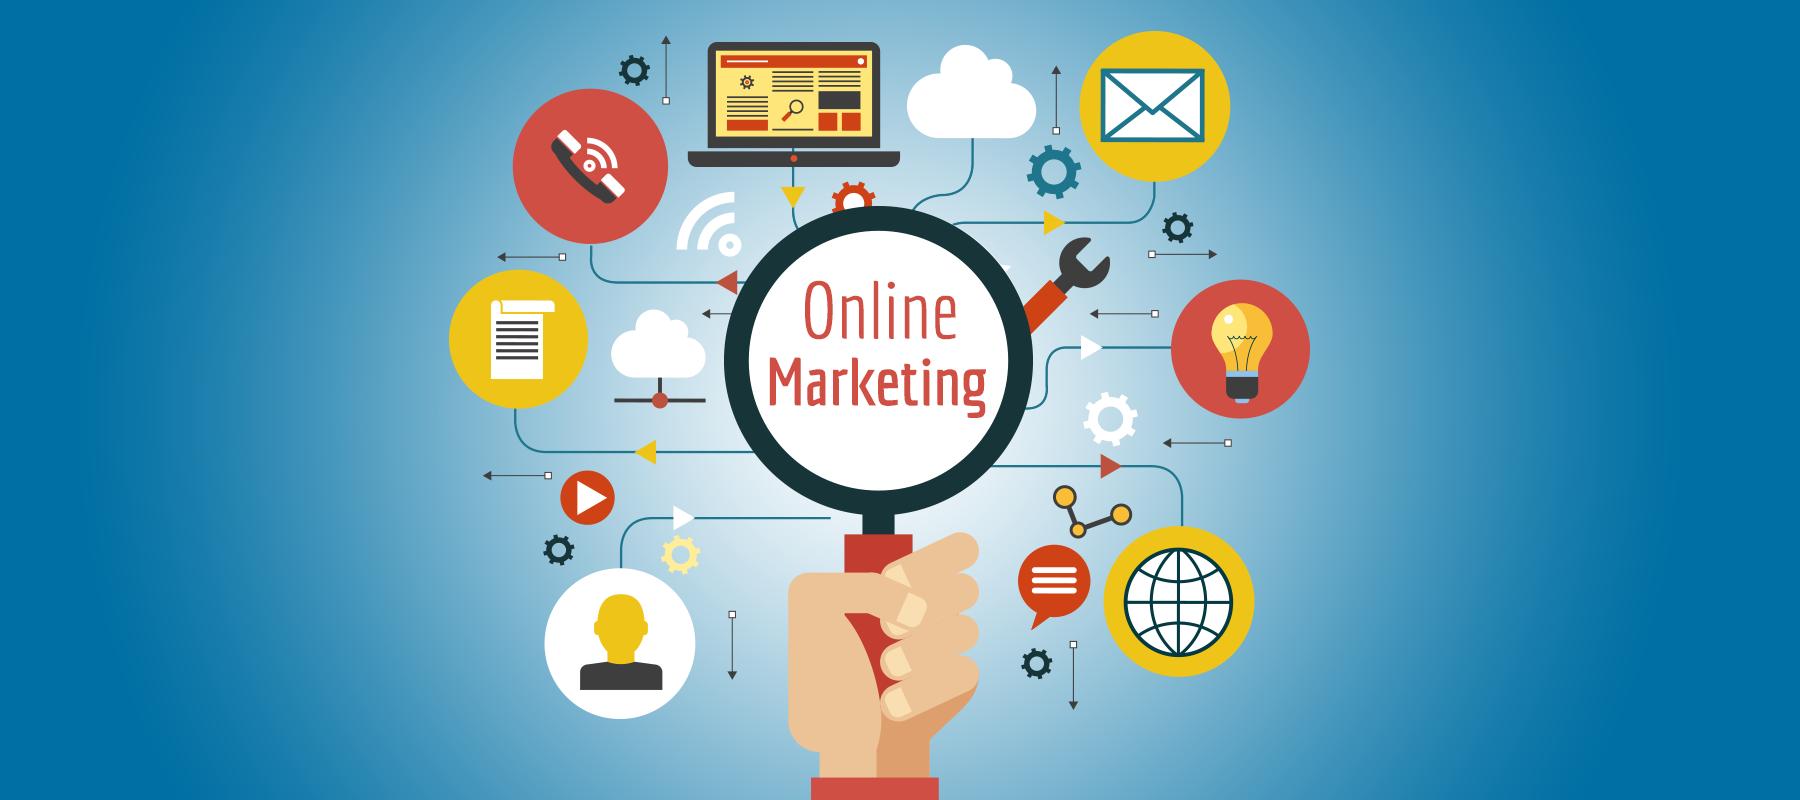 Kết quả hình ảnh cho marketing online